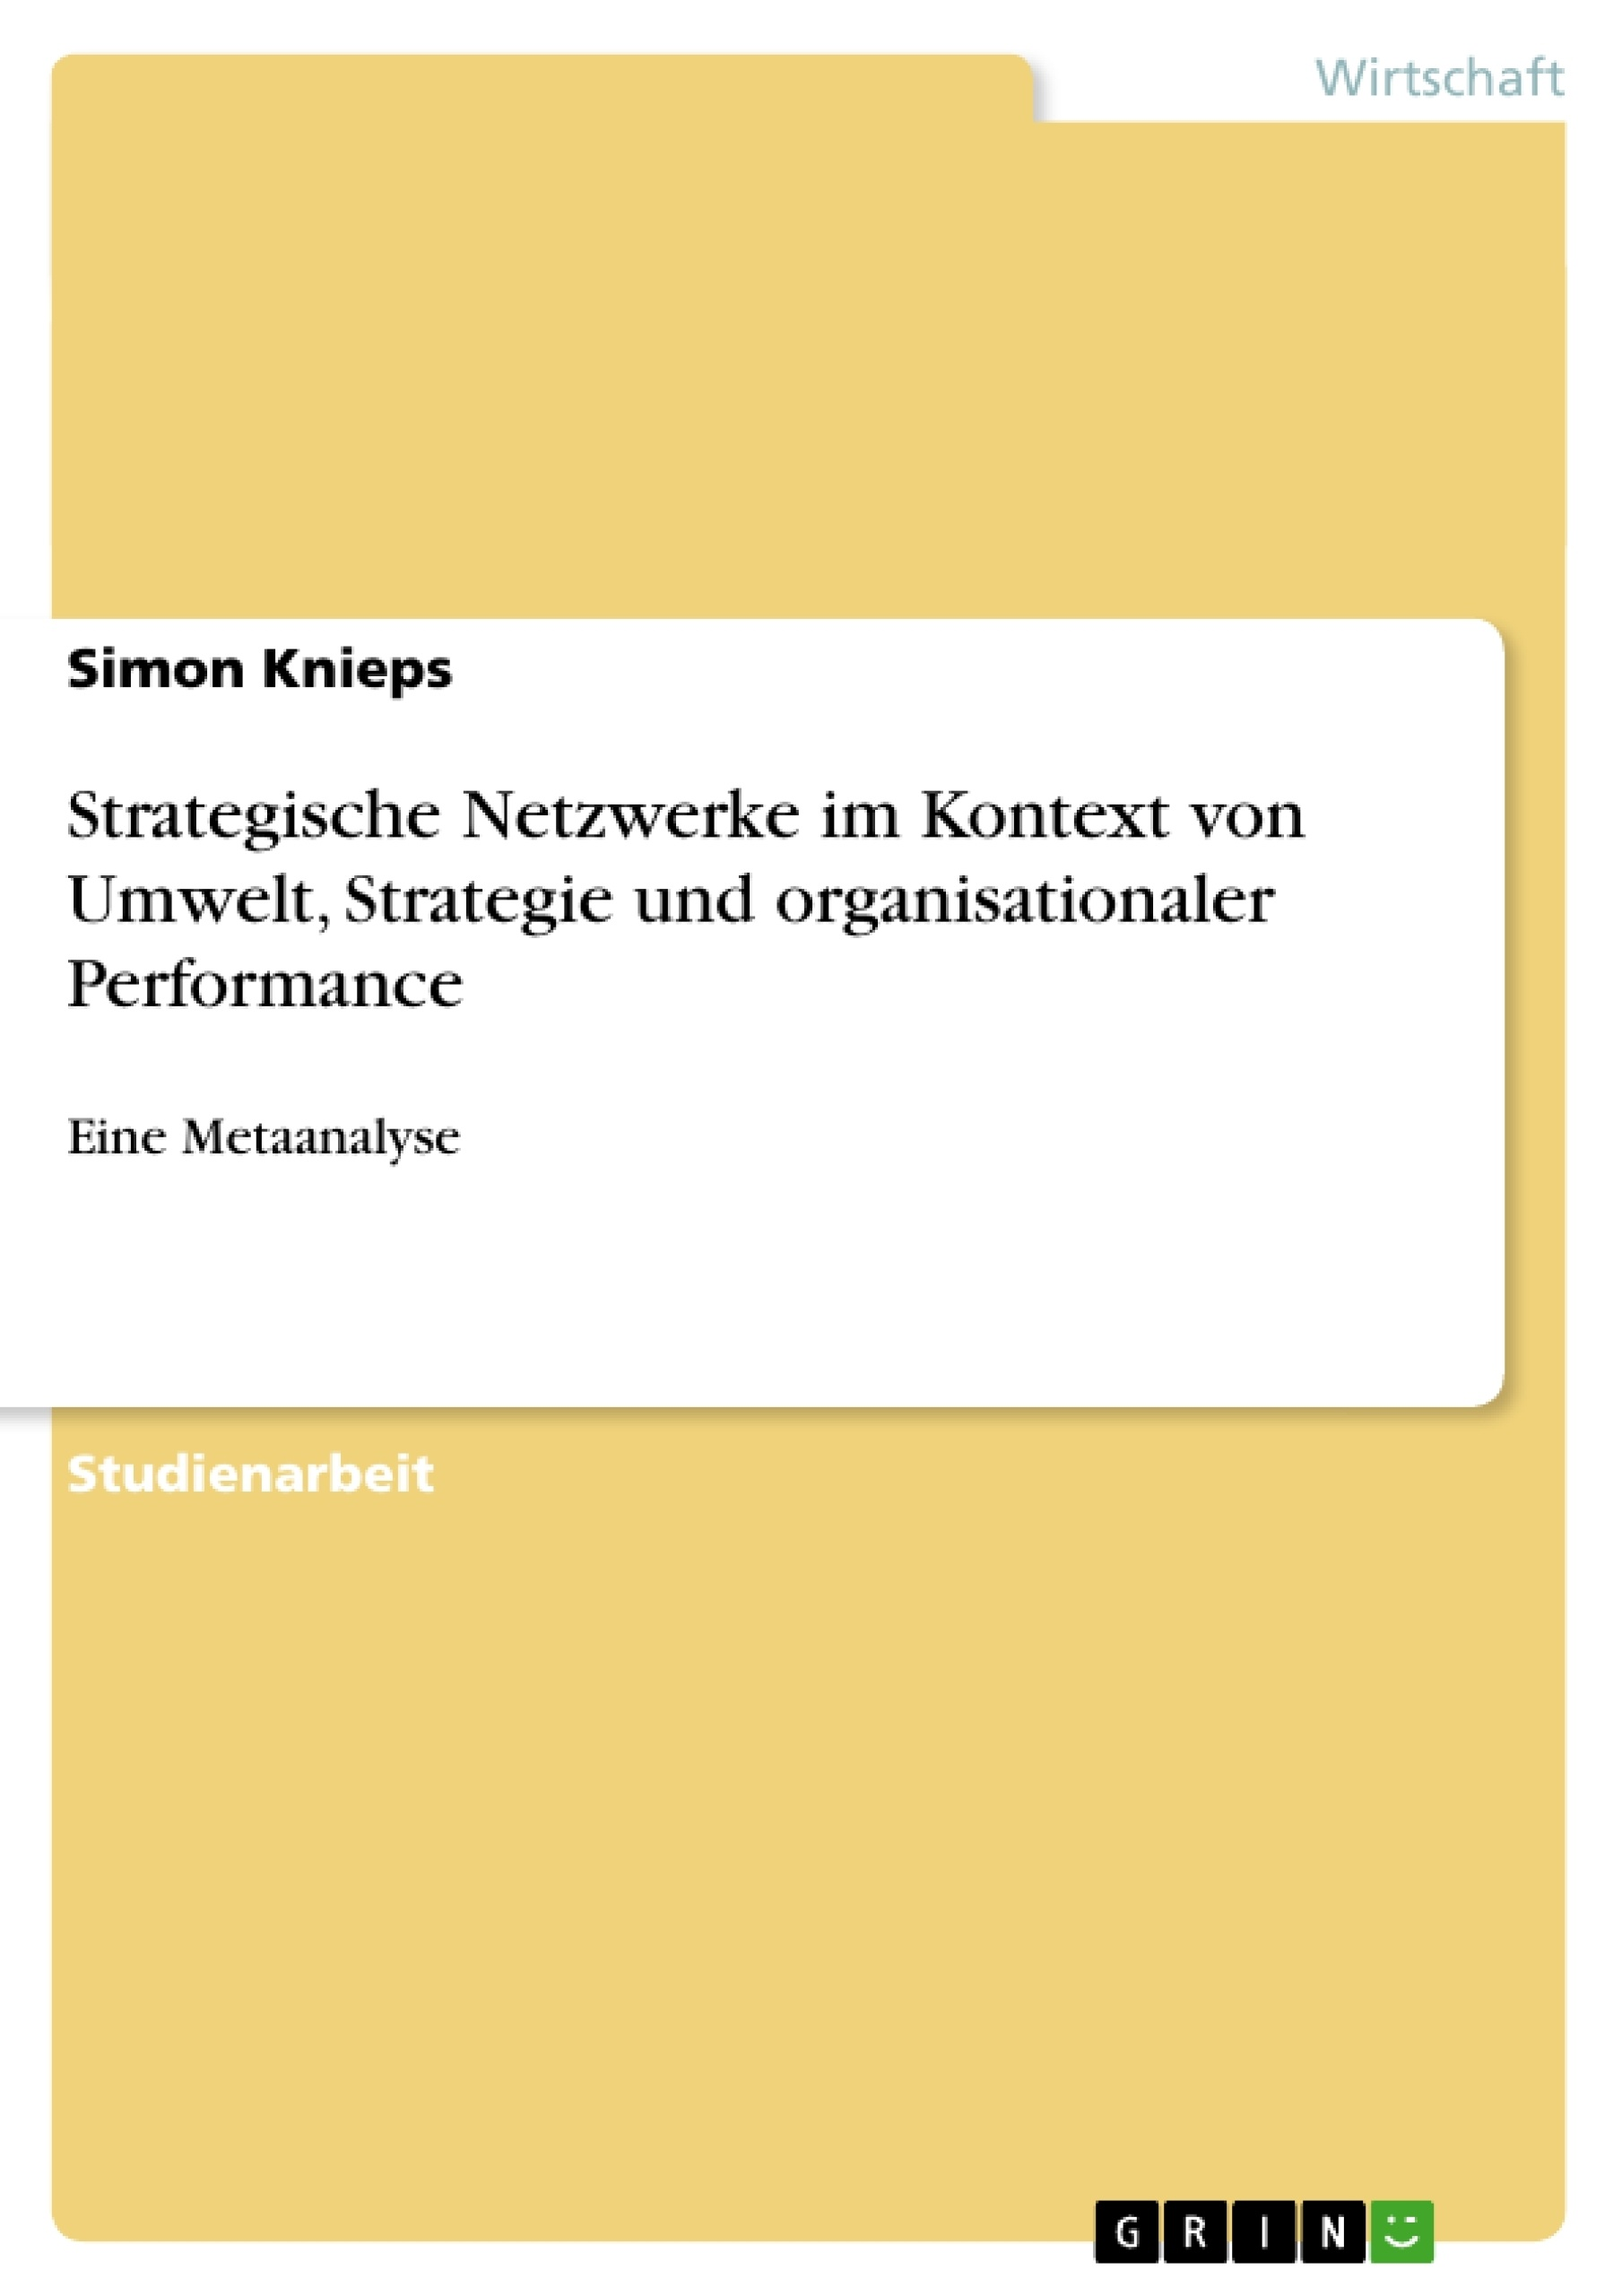 Titel: Strategische Netzwerke im Kontext von Umwelt, Strategie und organisationaler Performance